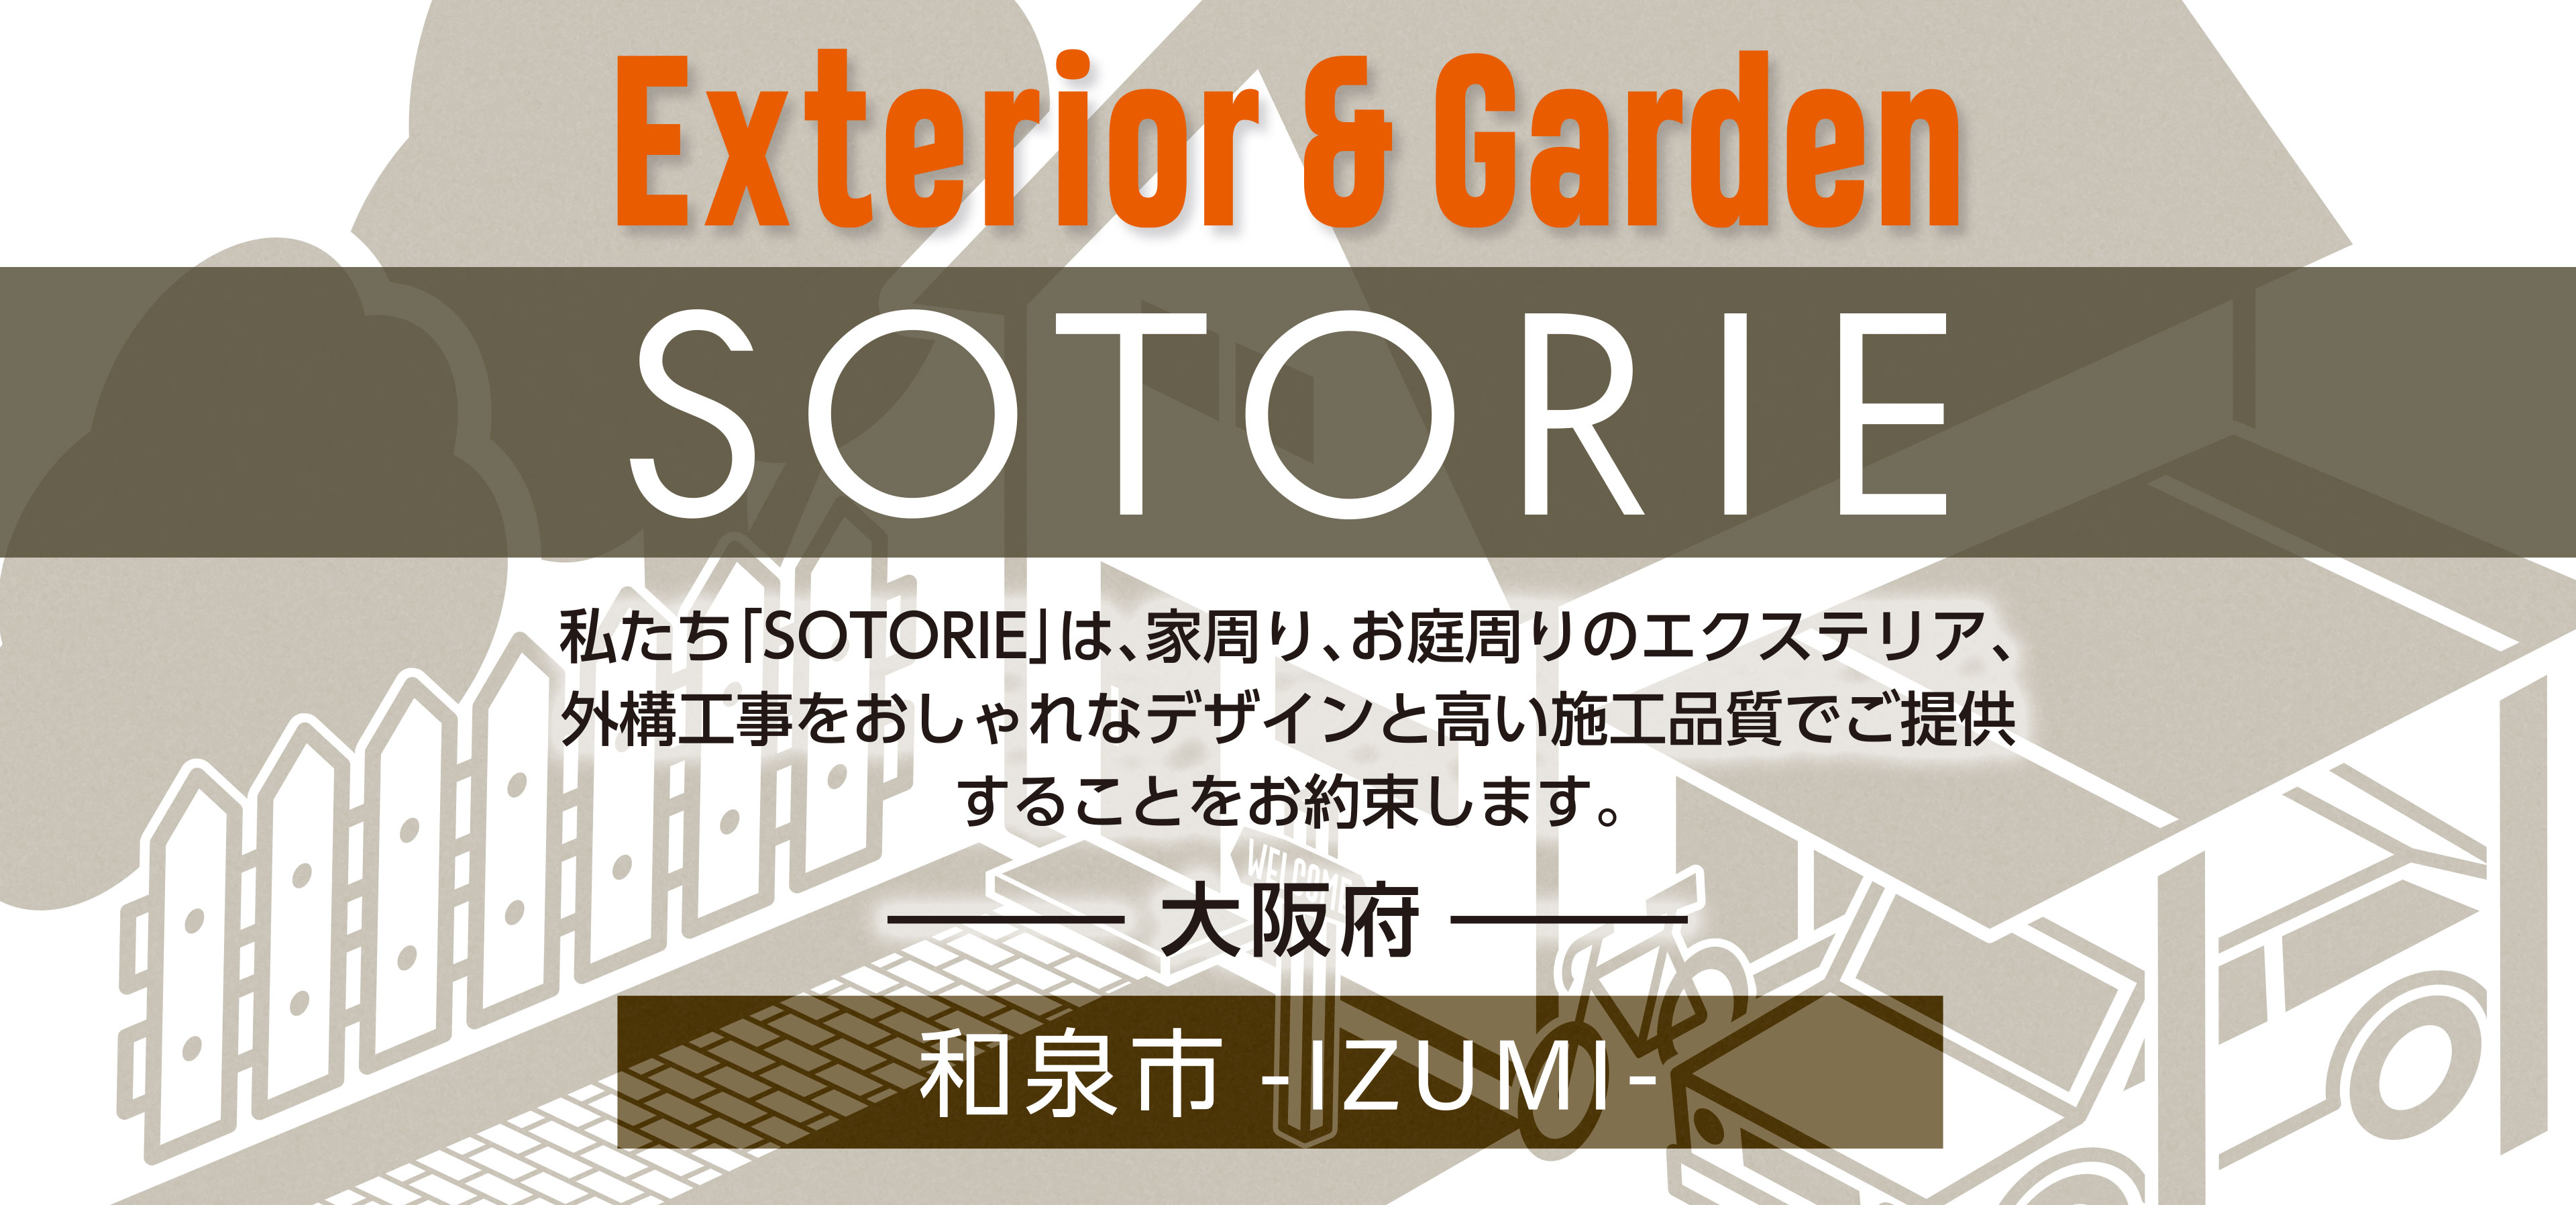 ソトリエ和泉市では、家周りと庭周りの外構、エクステリア工事をおしゃれなデザインと高い施工品質でご提供することをお約束します。